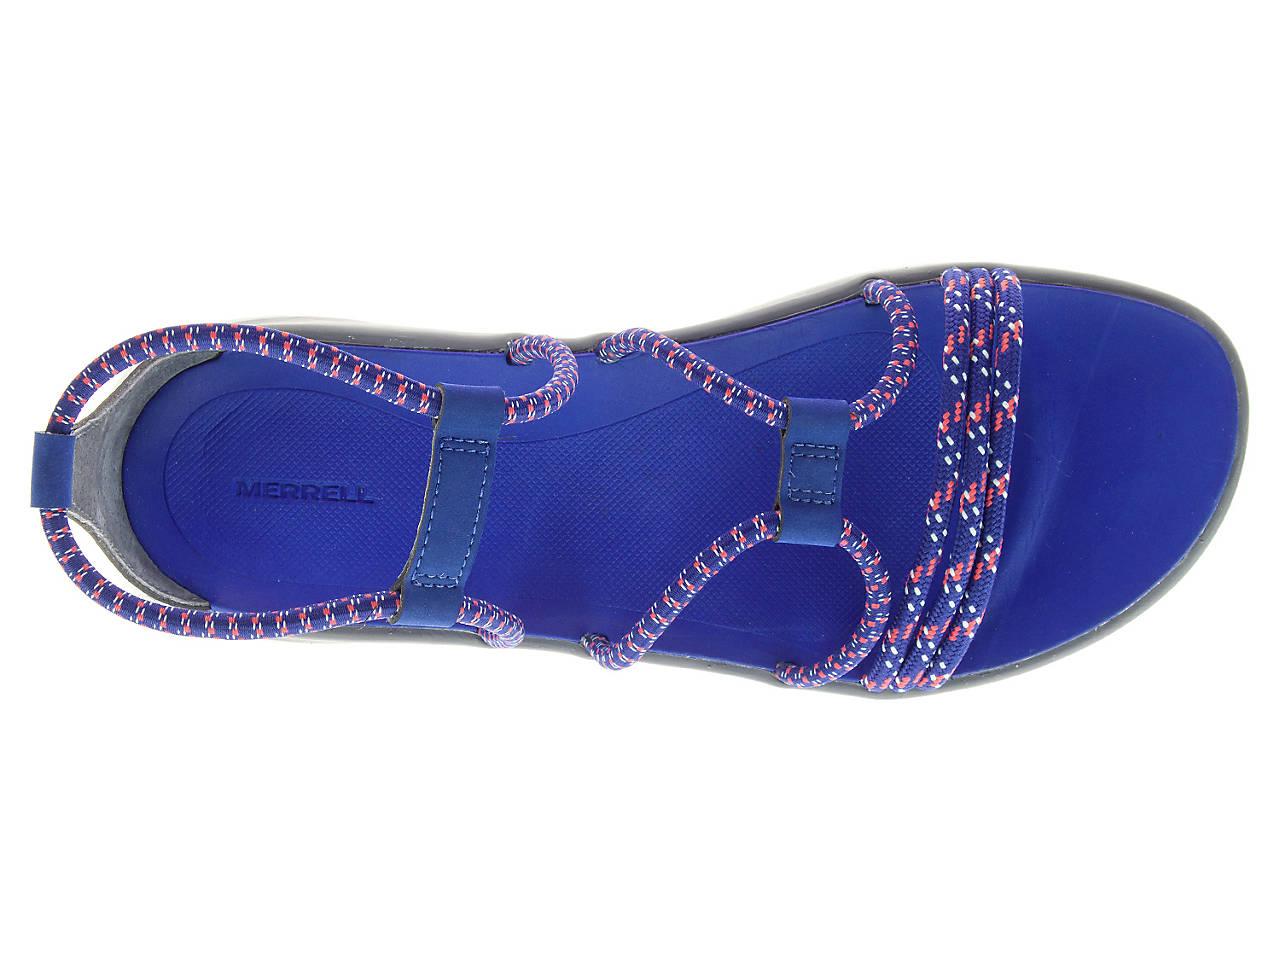 ceafa32c9341 Merrell Sunstone Sandal Women s Shoes